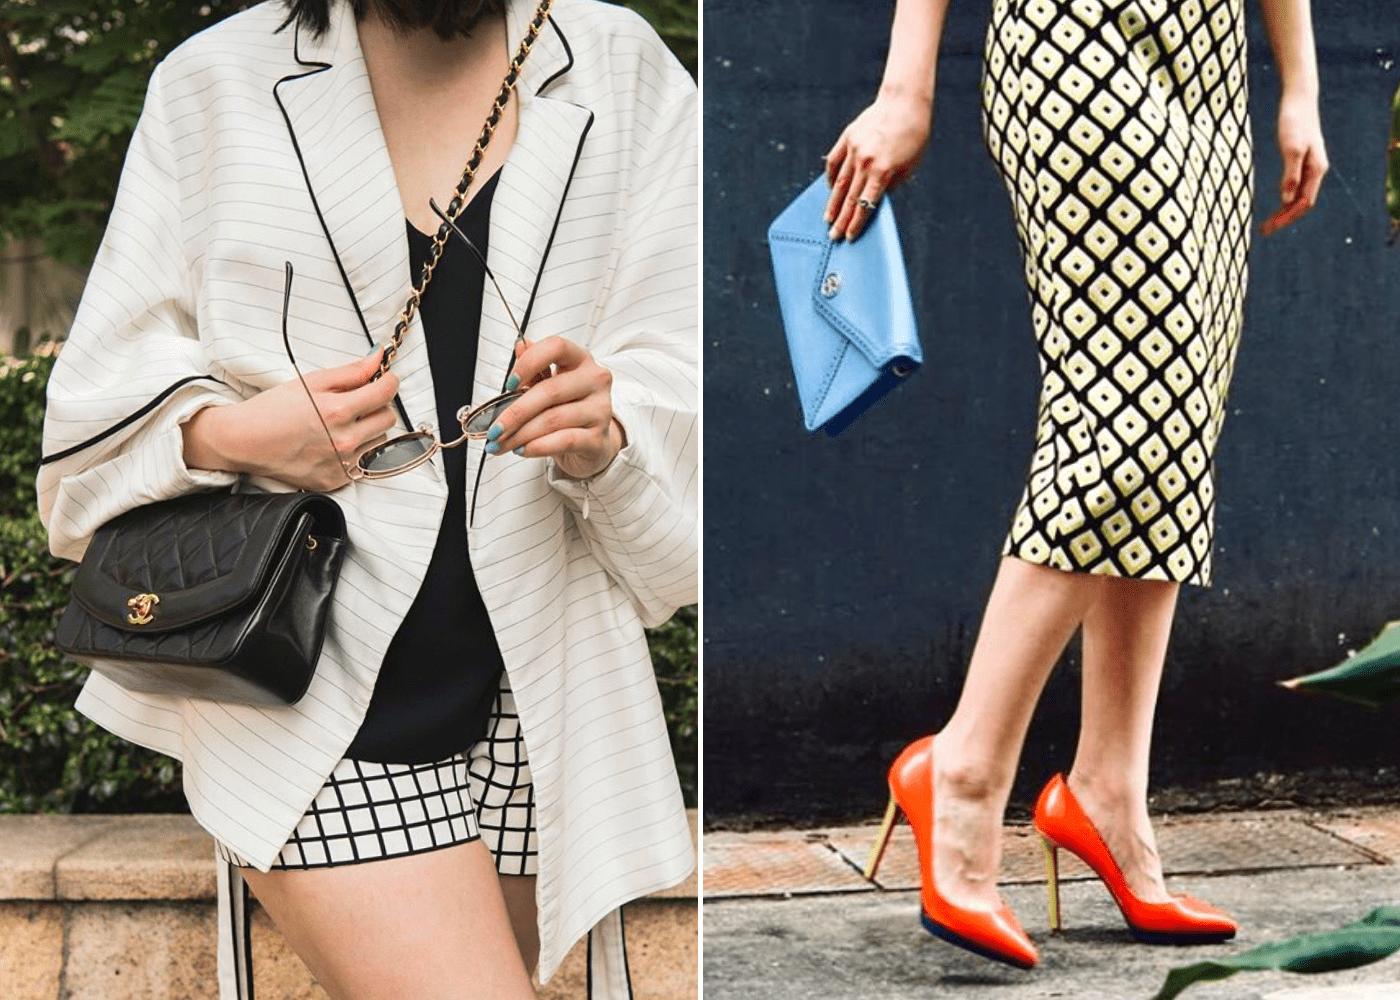 Sustainable luxury fashion in Singapore